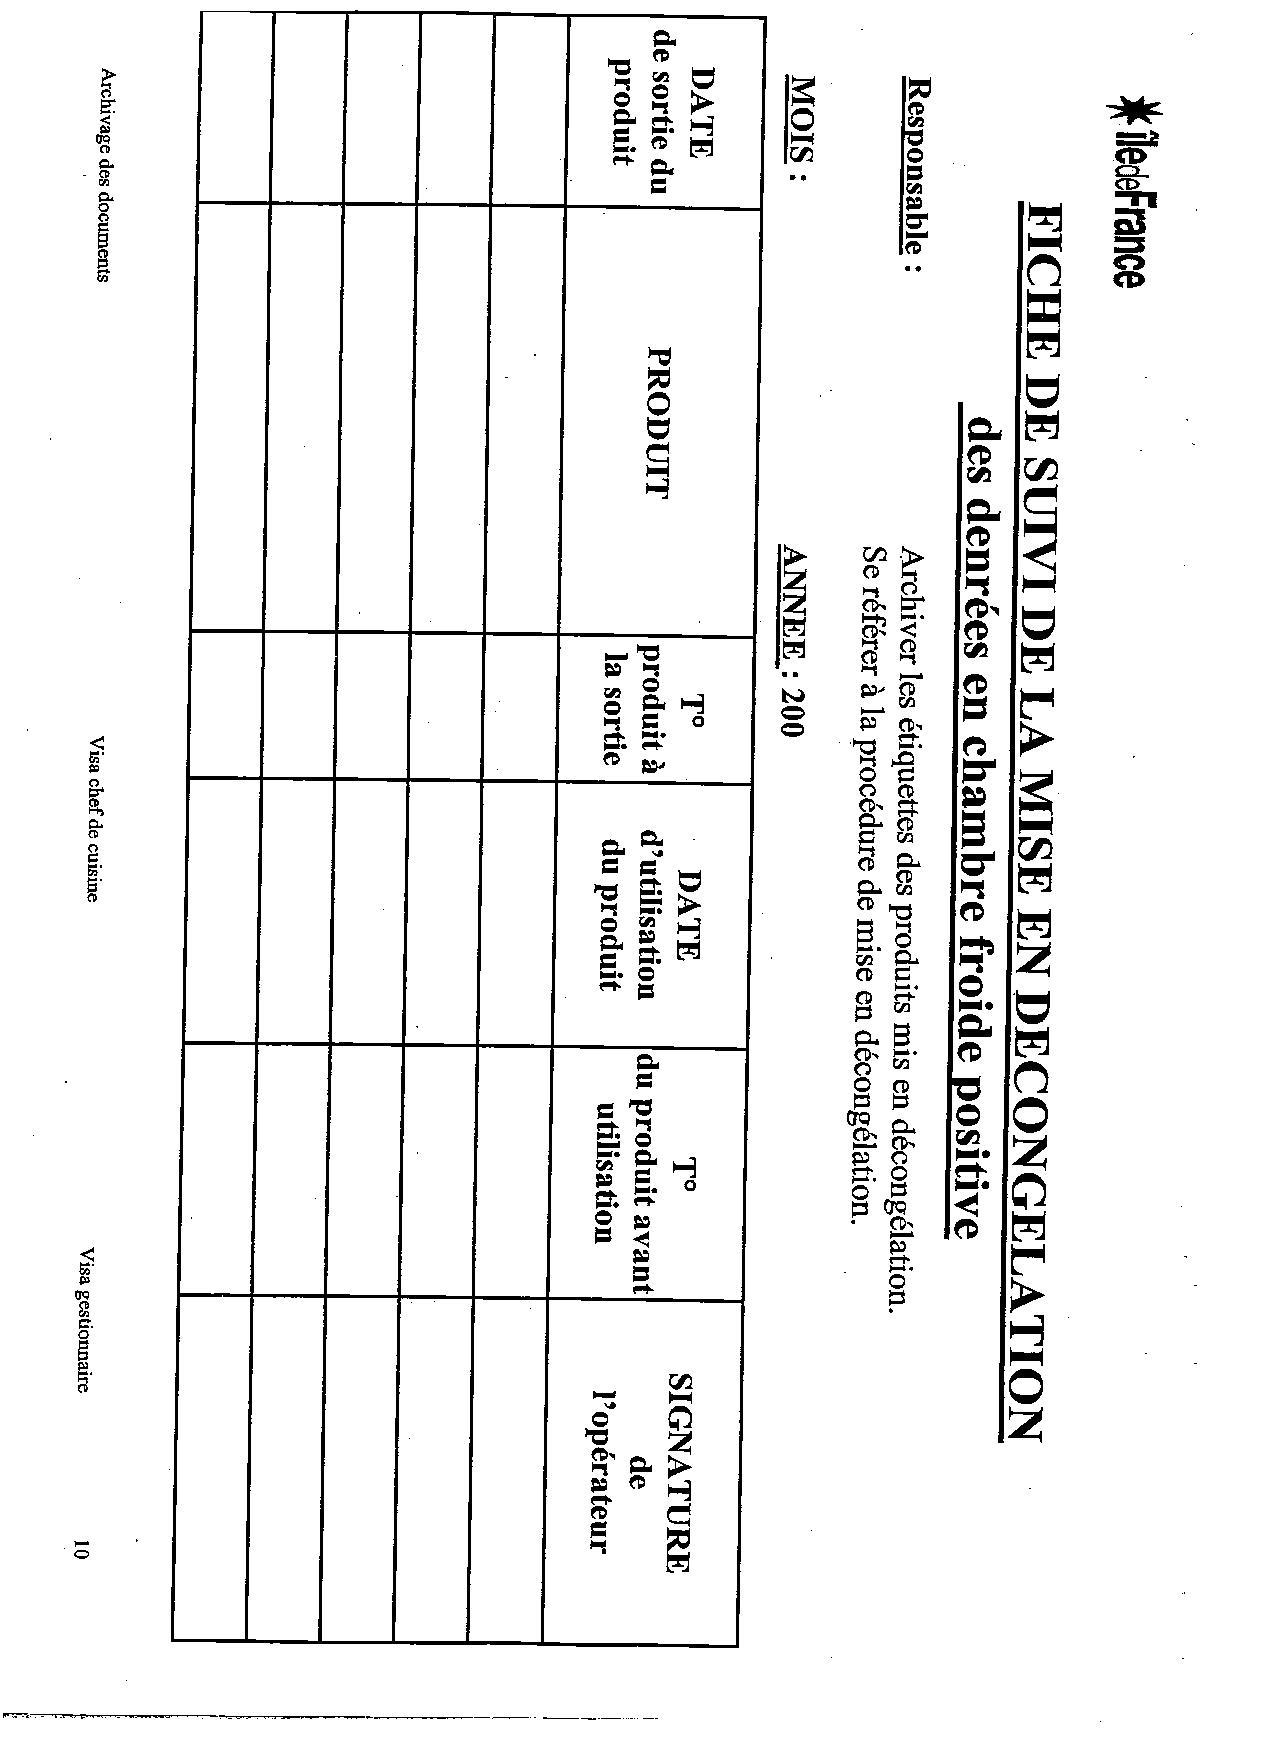 les fiches d'enregistrement pour le haccp. | recettes de cuisine ... - Procedure Haccp Cuisine